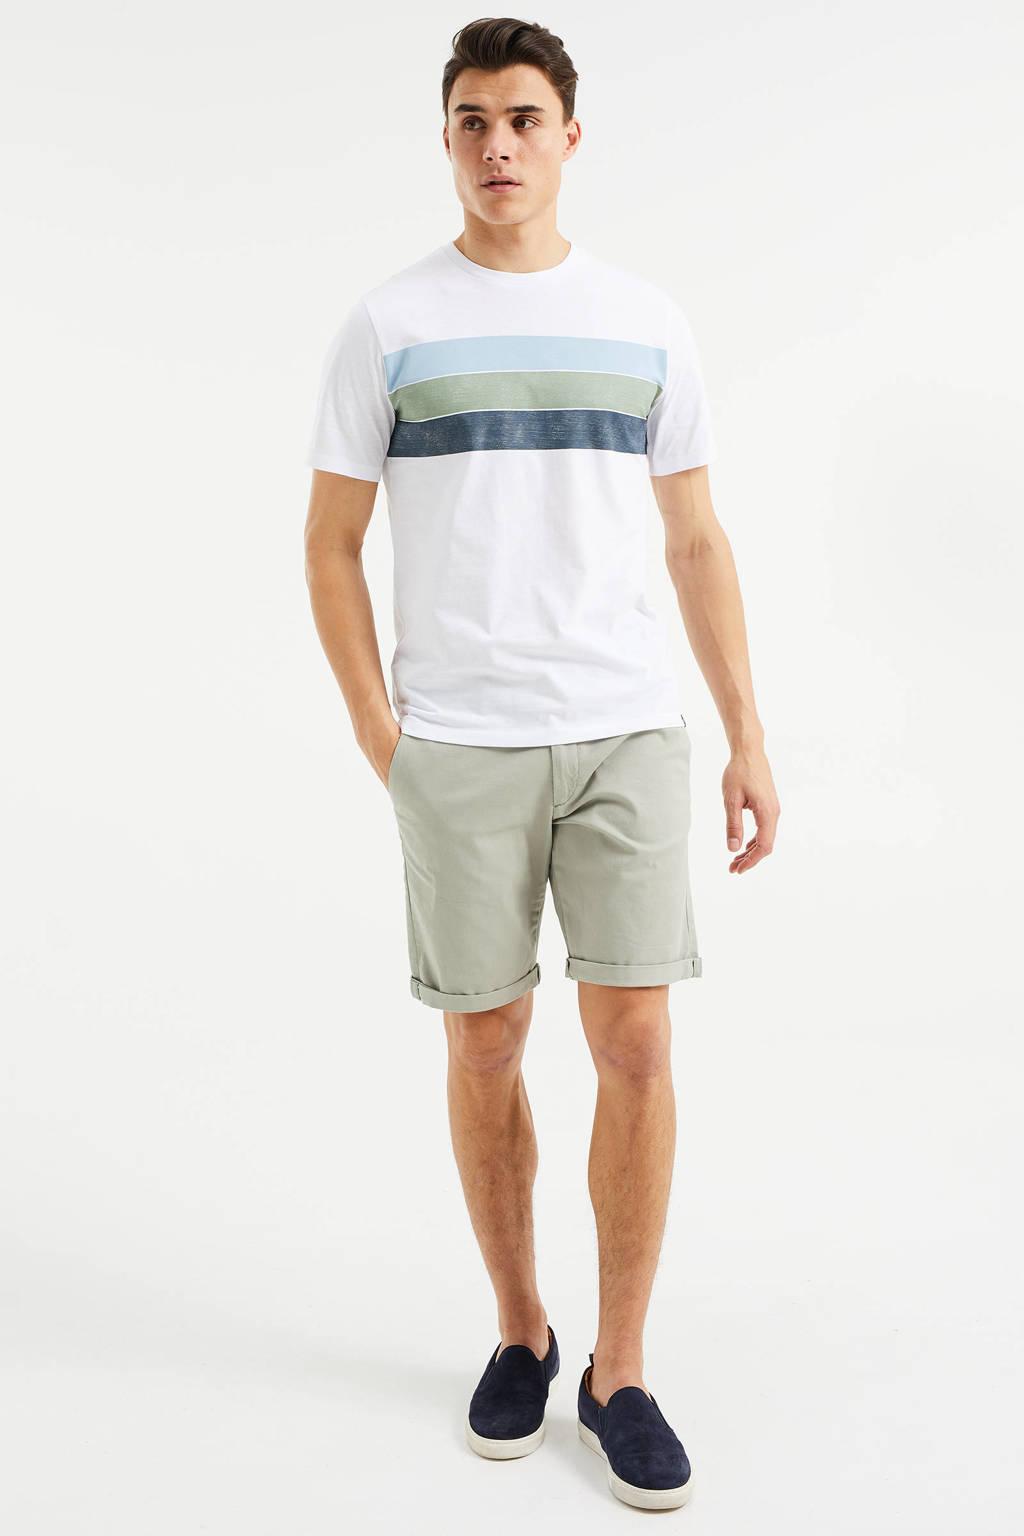 WE Fashion gestreept T-shirt white uni, White Uni